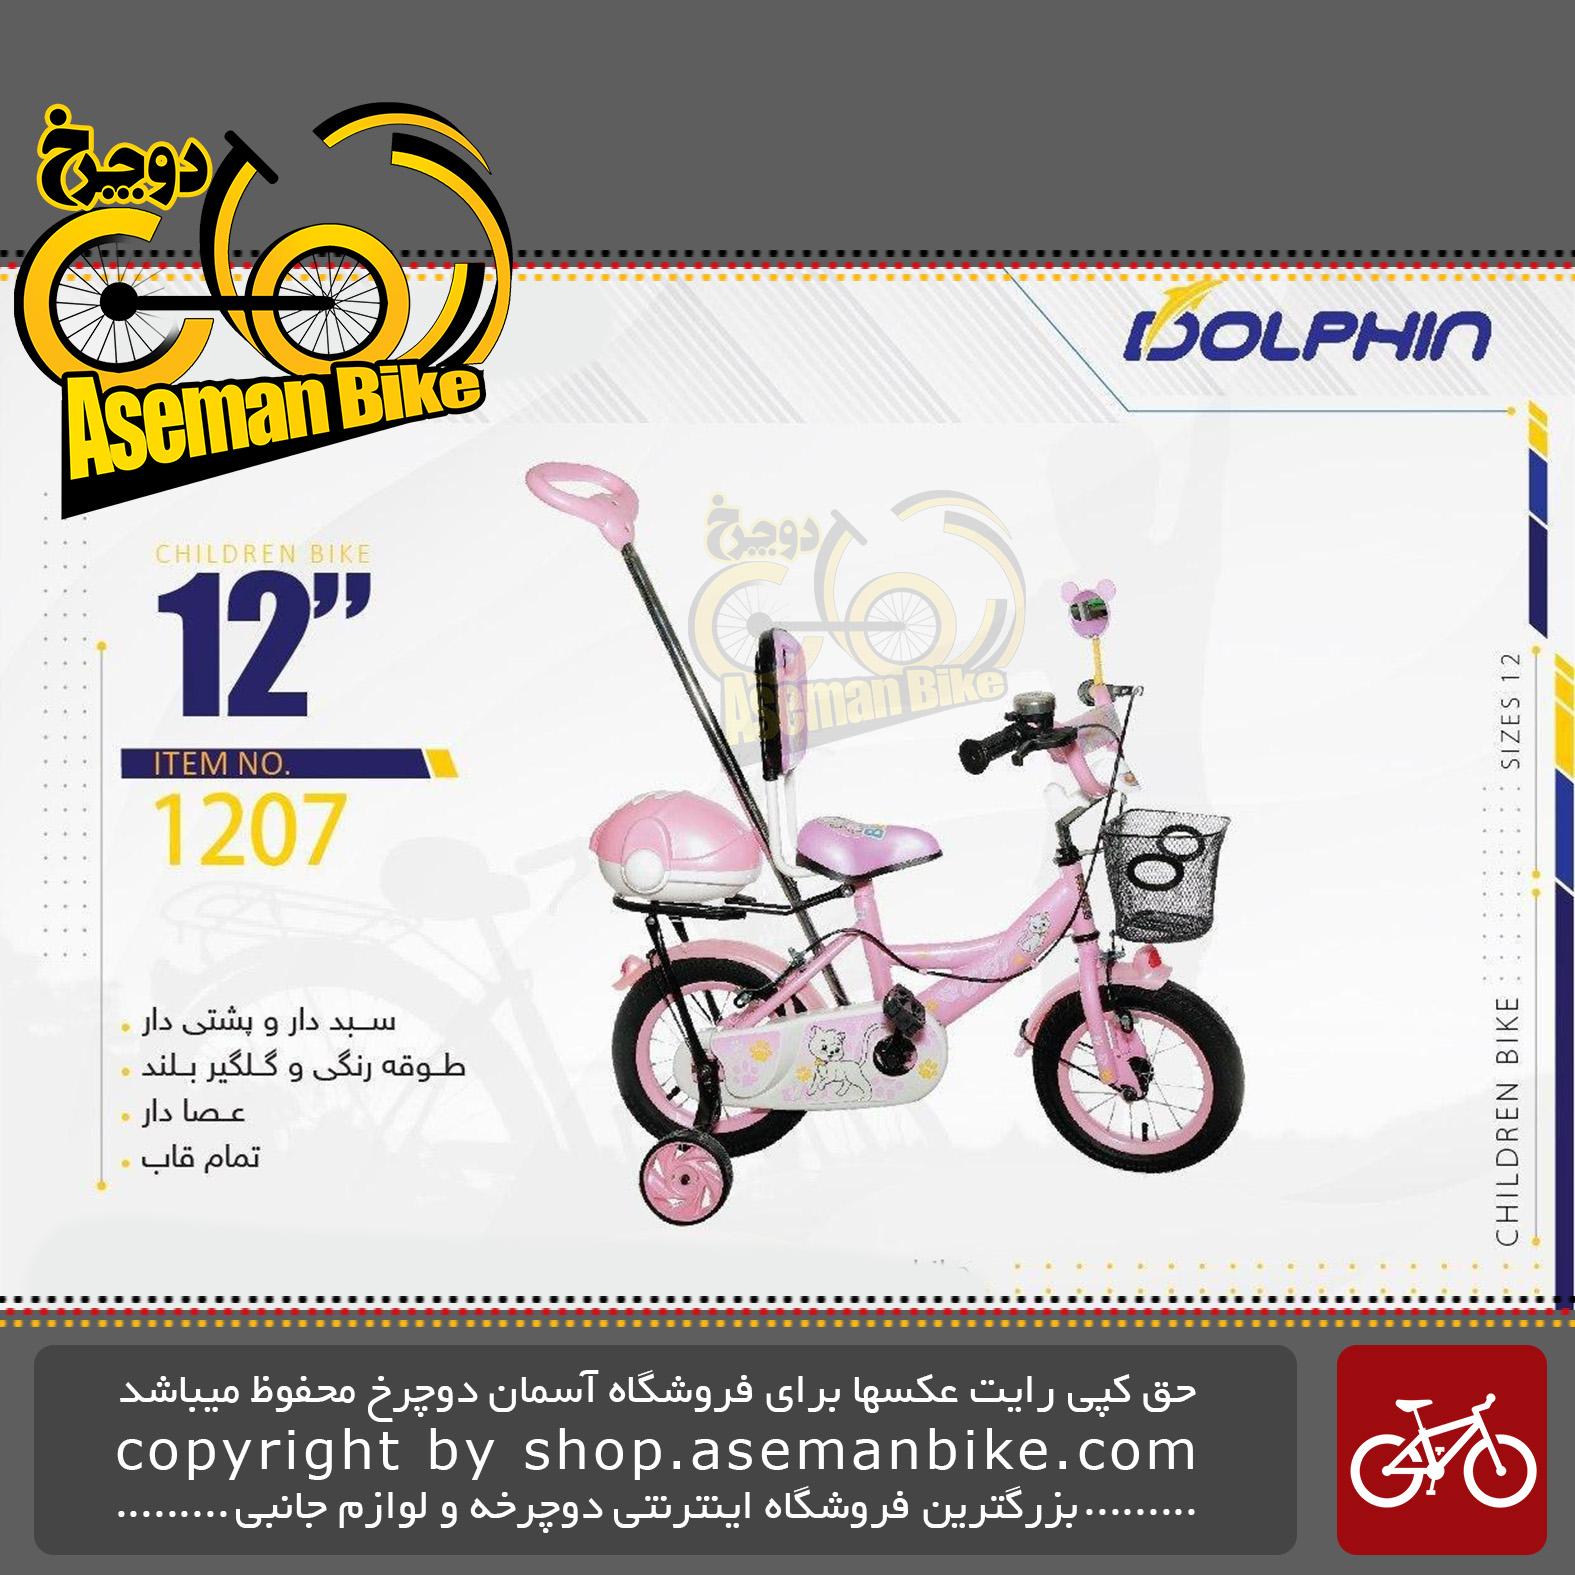 دوچرخه بچگانه دلفین سایز 12 عصا پشتی دار صندوق دار سبد دار مدل 1207 DOLPHIN Bicycle Kids Size 12 Model 1207